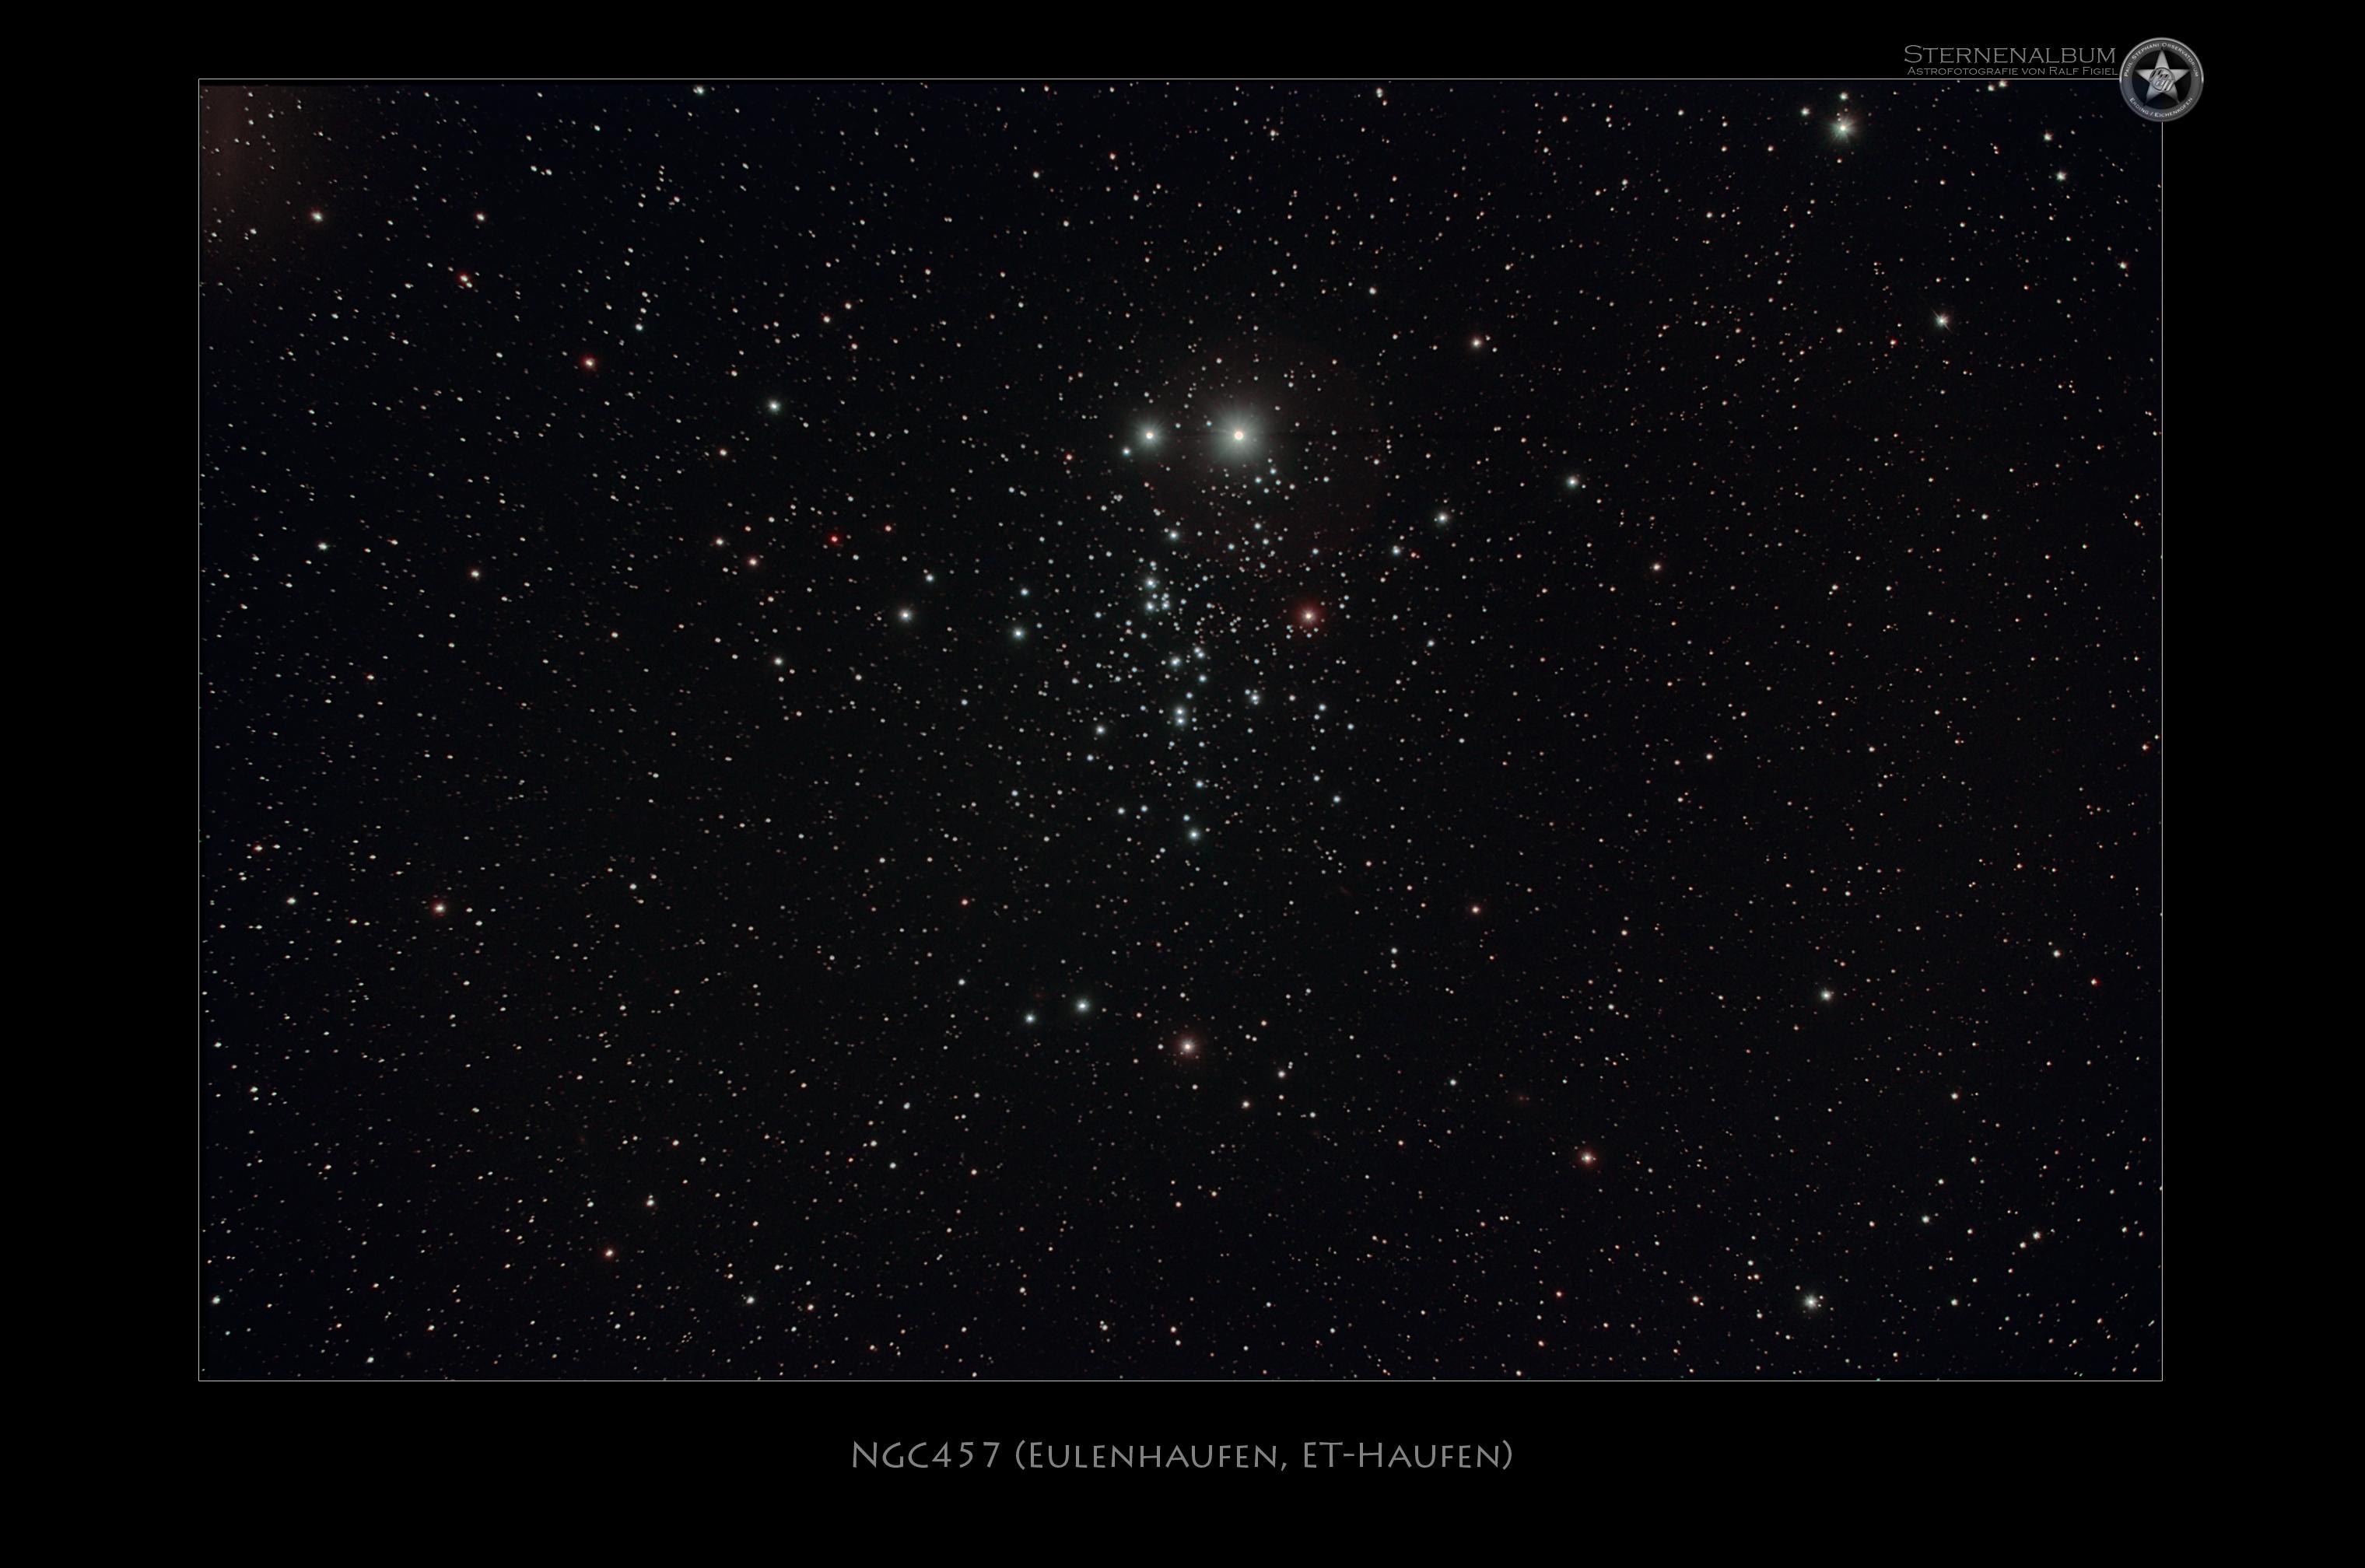 NGC457 - Eulenhaufen